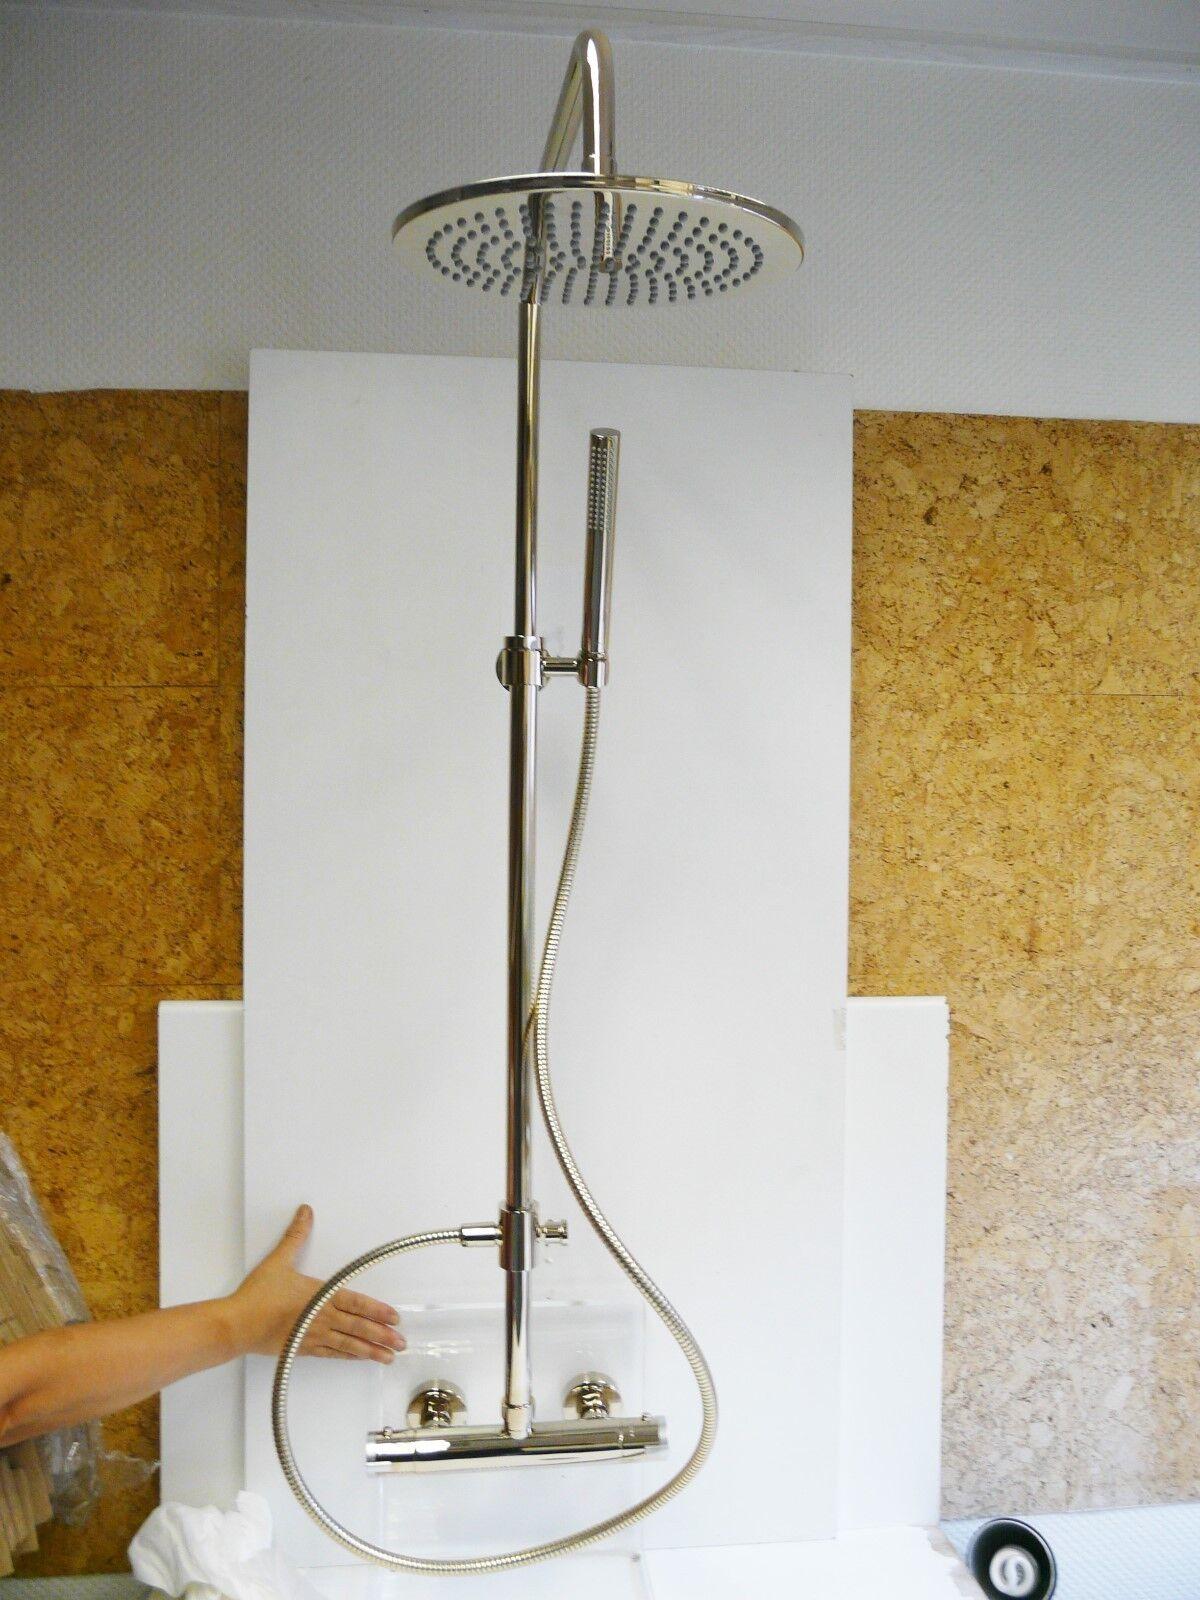 Regendusche Edelmessing, Duschsystem, Duschset, Kopfbrause, Thermostat, Java | Leicht zu reinigende Oberfläche  | Zarte  | Starker Wert  | Helle Farben